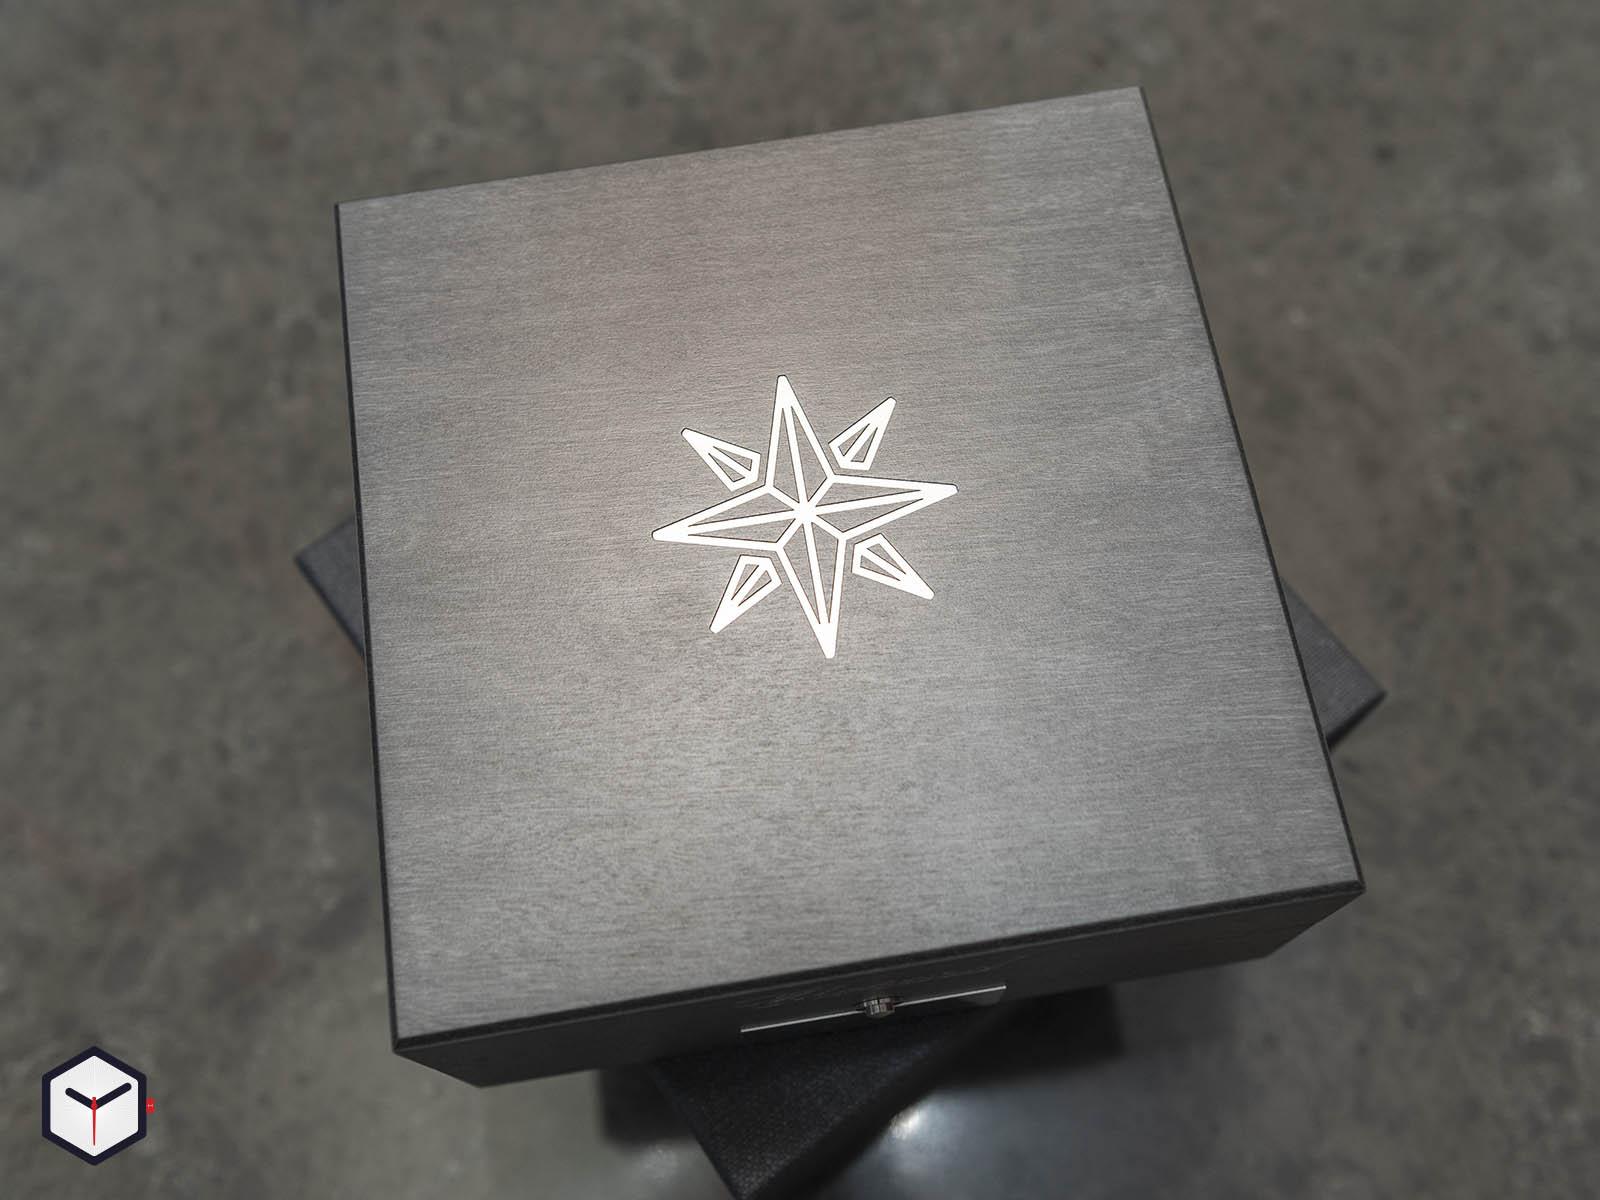 chopard-alpine-eagle-horobox-limited-edition-23.jpg